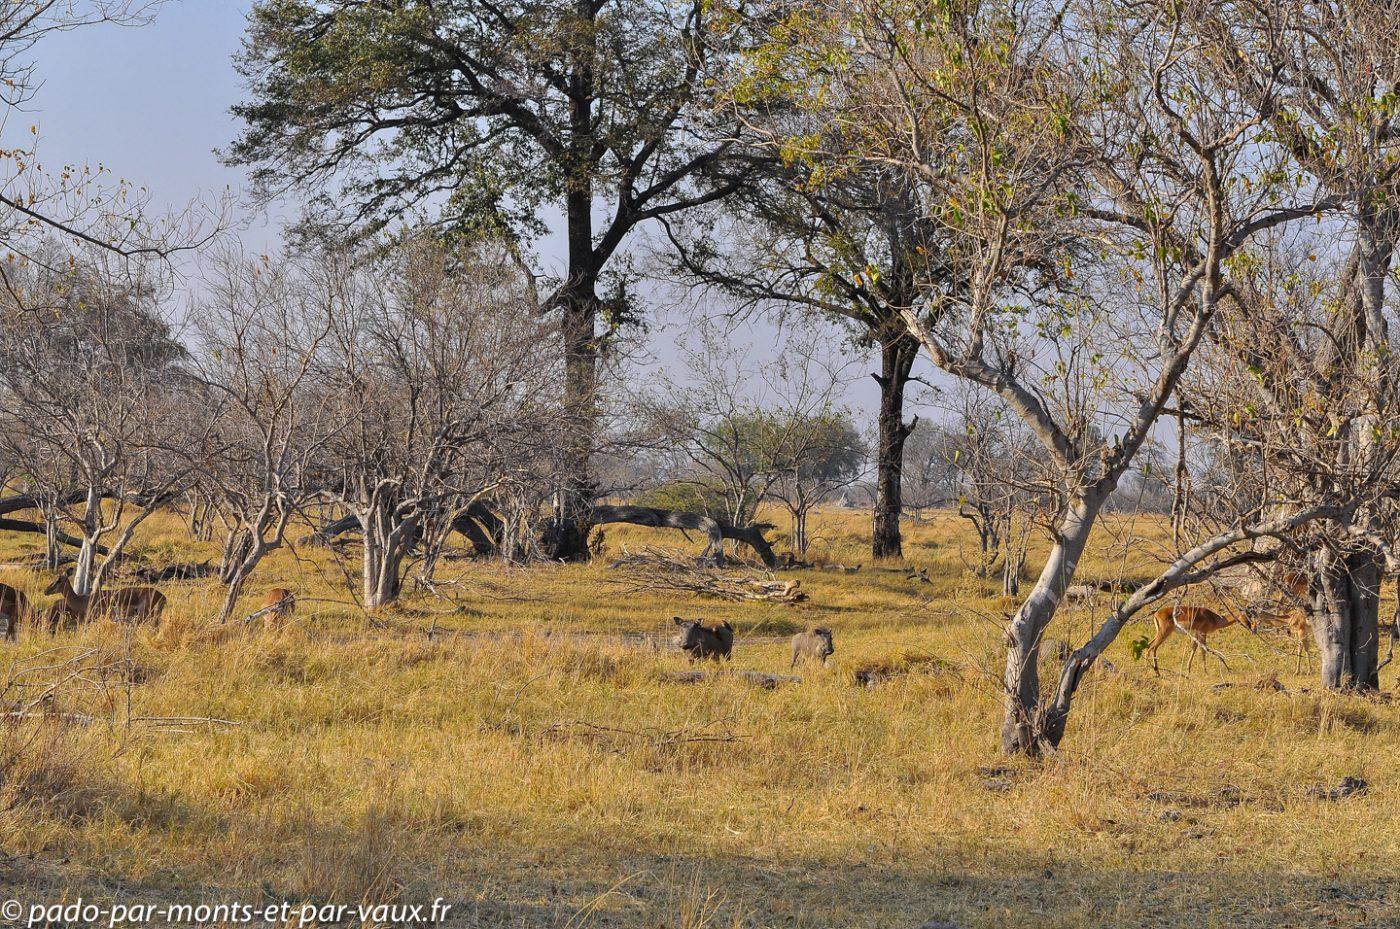 Phacochères et impalas